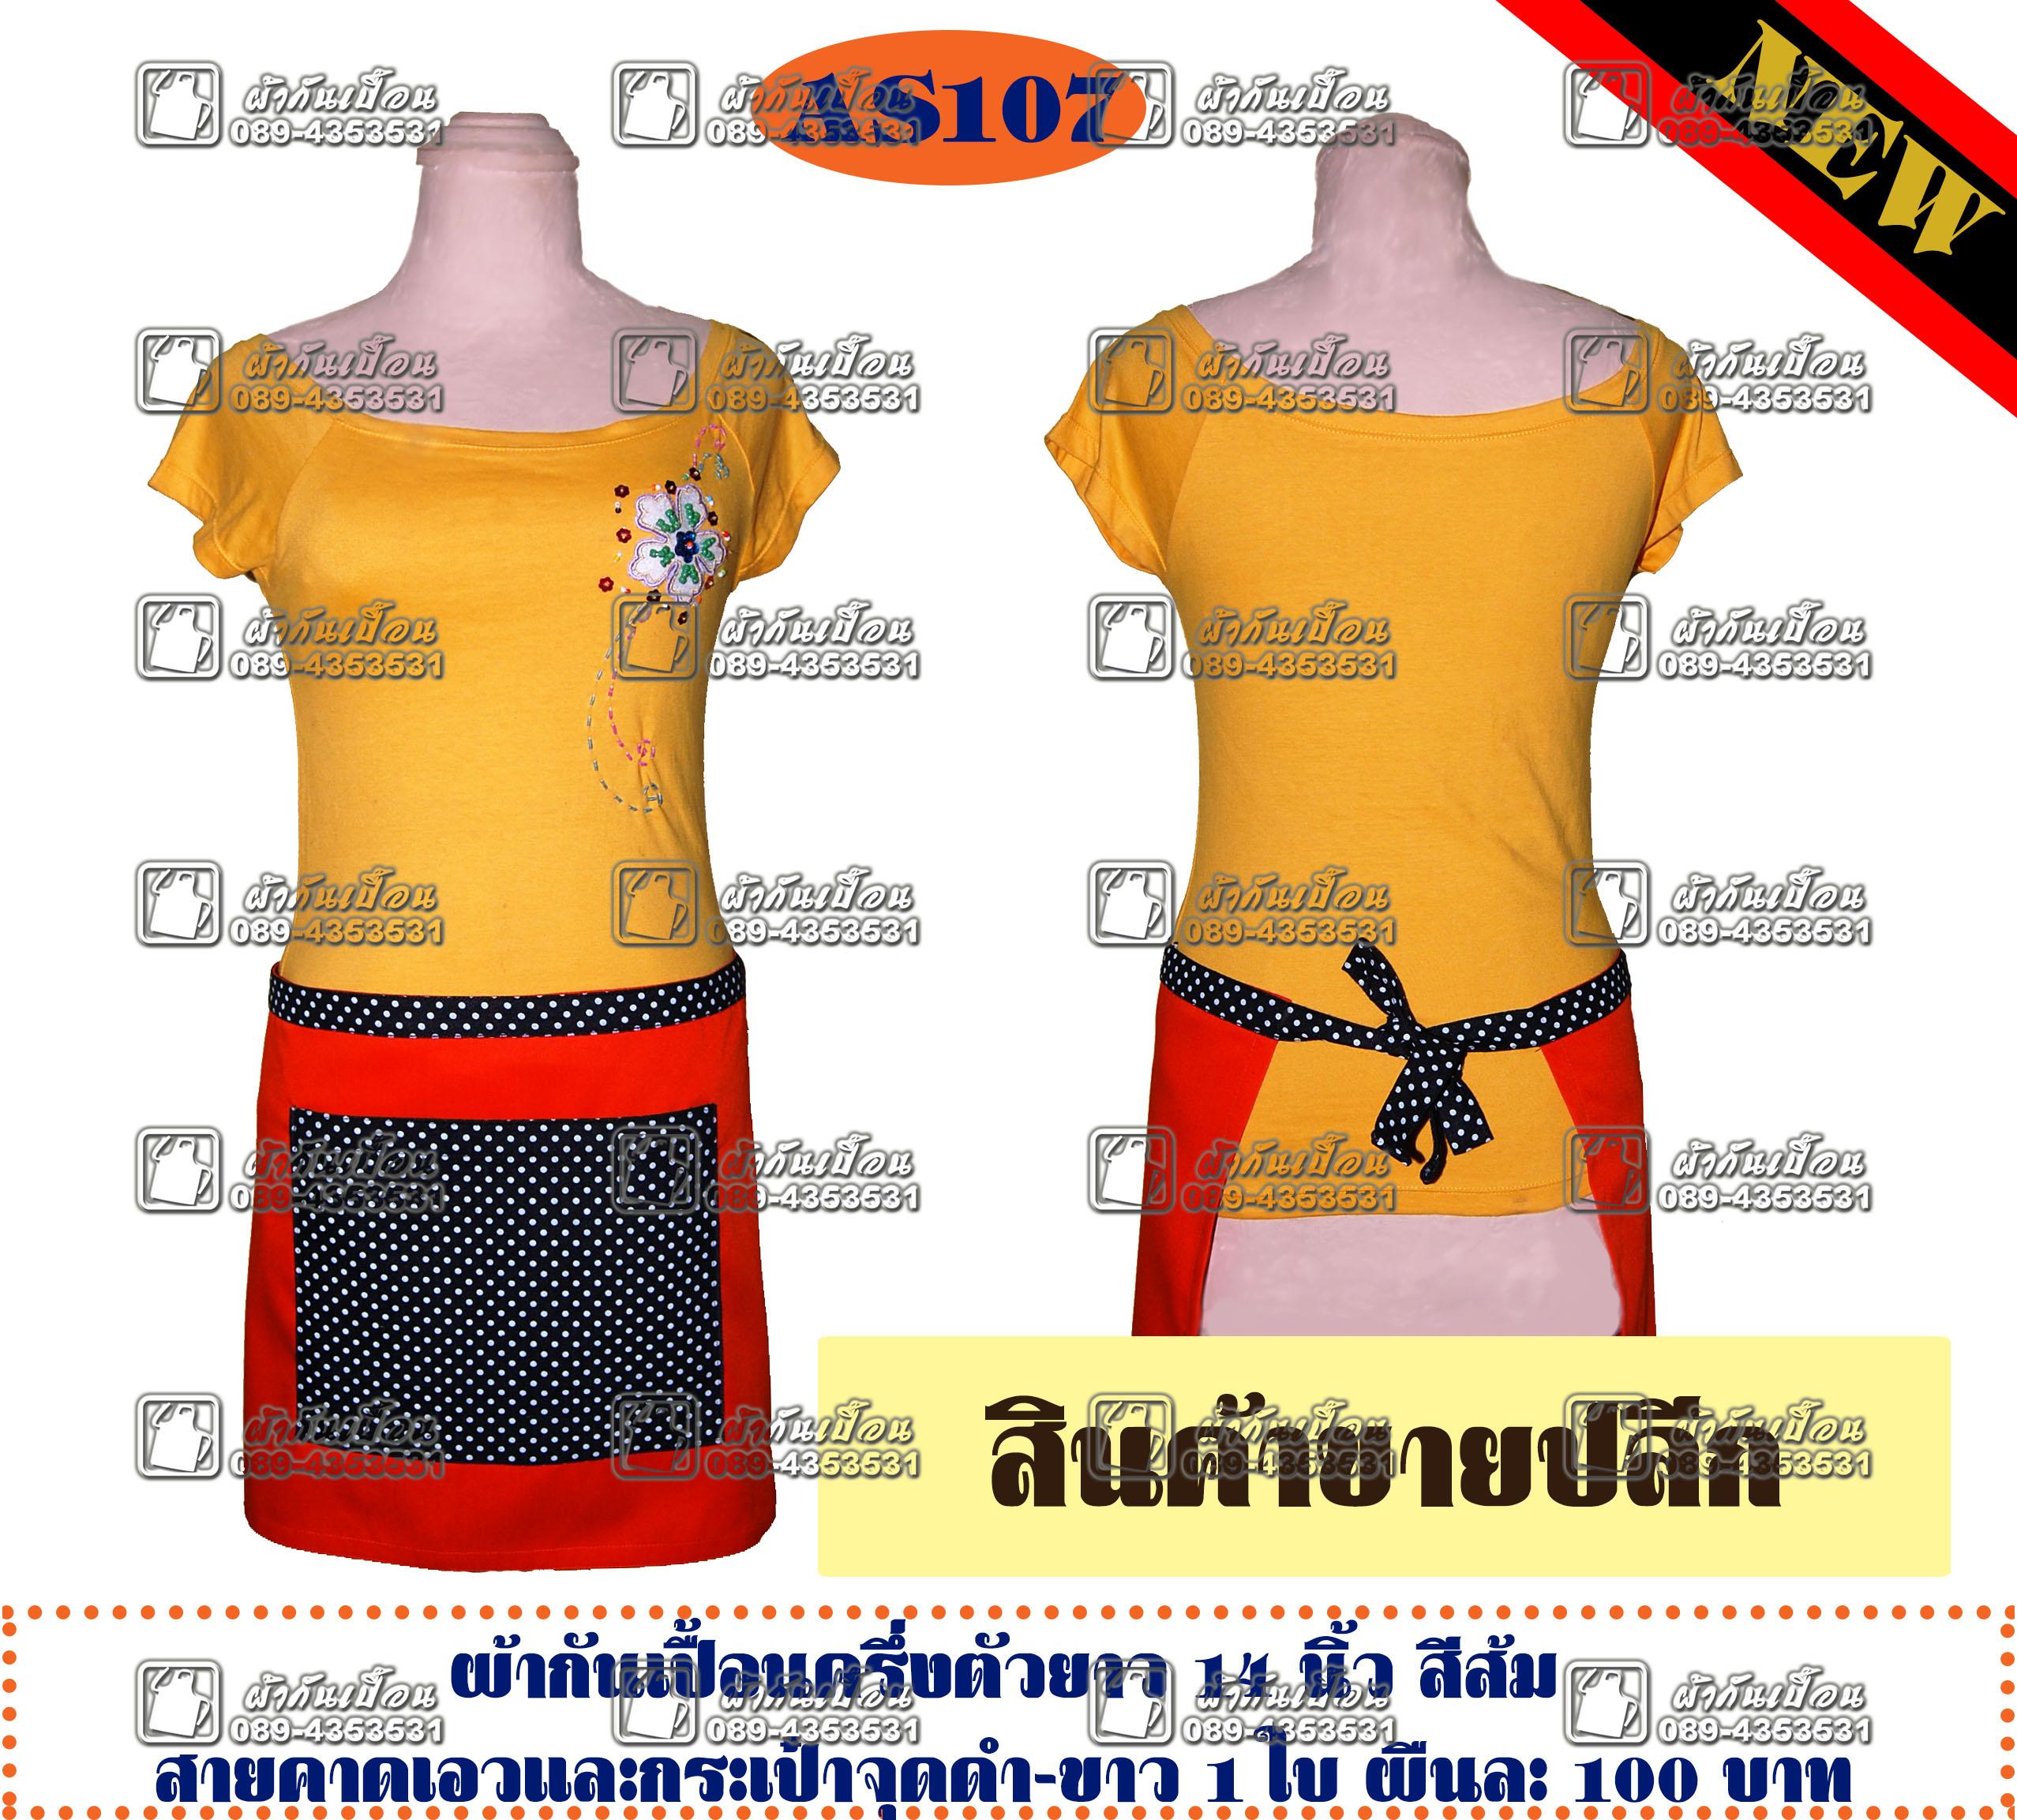 ผ้ากันเปื้อนครึ่งตัว สีส้มแต่งสายคาดเอว กระเป๋า ลายจุดดำ-ขาว